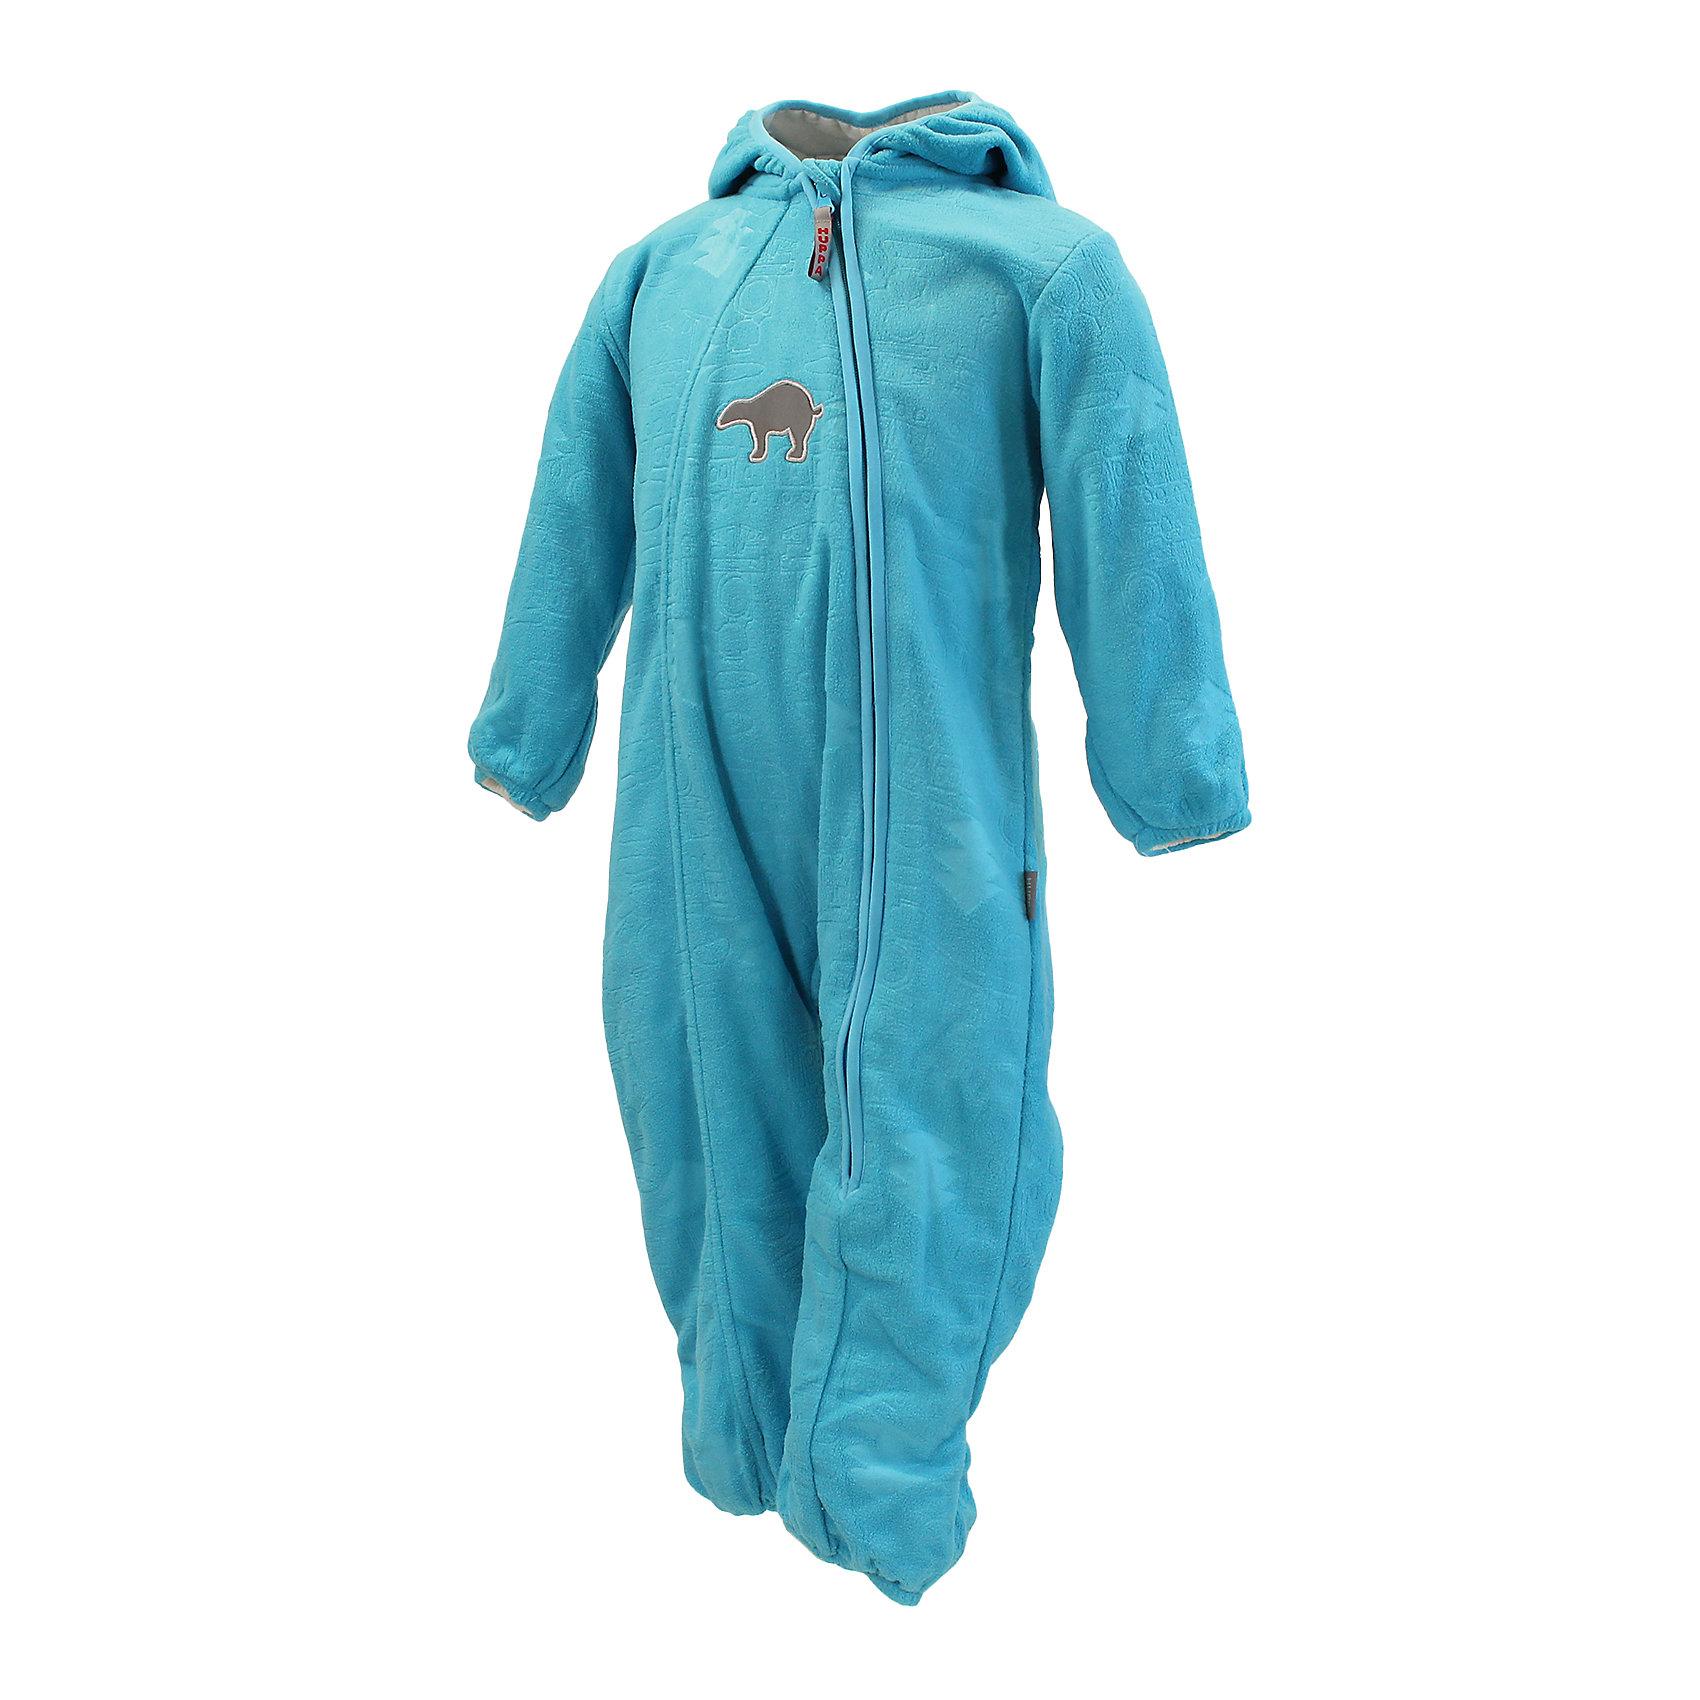 Комбинезон для девочки HuppaМягкий флисовый комбинезон с хлопковой подкладкой и рисунком белого медведя для сладких послеобеденных снов малыша в коляске или для игр в прохладную погоду. Идеально подходит и для надевания под верхнюю одежду. Для удобства одевания у комбинезона имеются длинный замок, резинка на спинке и капюшон. Концы рукавов и штанин можно всего парой движений завернуть назад.<br><br>Дополнительная информация:<br><br><br>Ткань: флис - 100% полиэстер<br>Подкладка: трикотаж - 100% хлопок<br>Манжеты с отворотом<br><br>Комбинезон для девочки Huppa можно купить в нашем магазине.<br><br>Ширина мм: 356<br>Глубина мм: 10<br>Высота мм: 245<br>Вес г: 519<br>Цвет: голубой<br>Возраст от месяцев: 2<br>Возраст до месяцев: 5<br>Пол: Женский<br>Возраст: Детский<br>Размер: 62,80,68,74<br>SKU: 4595525